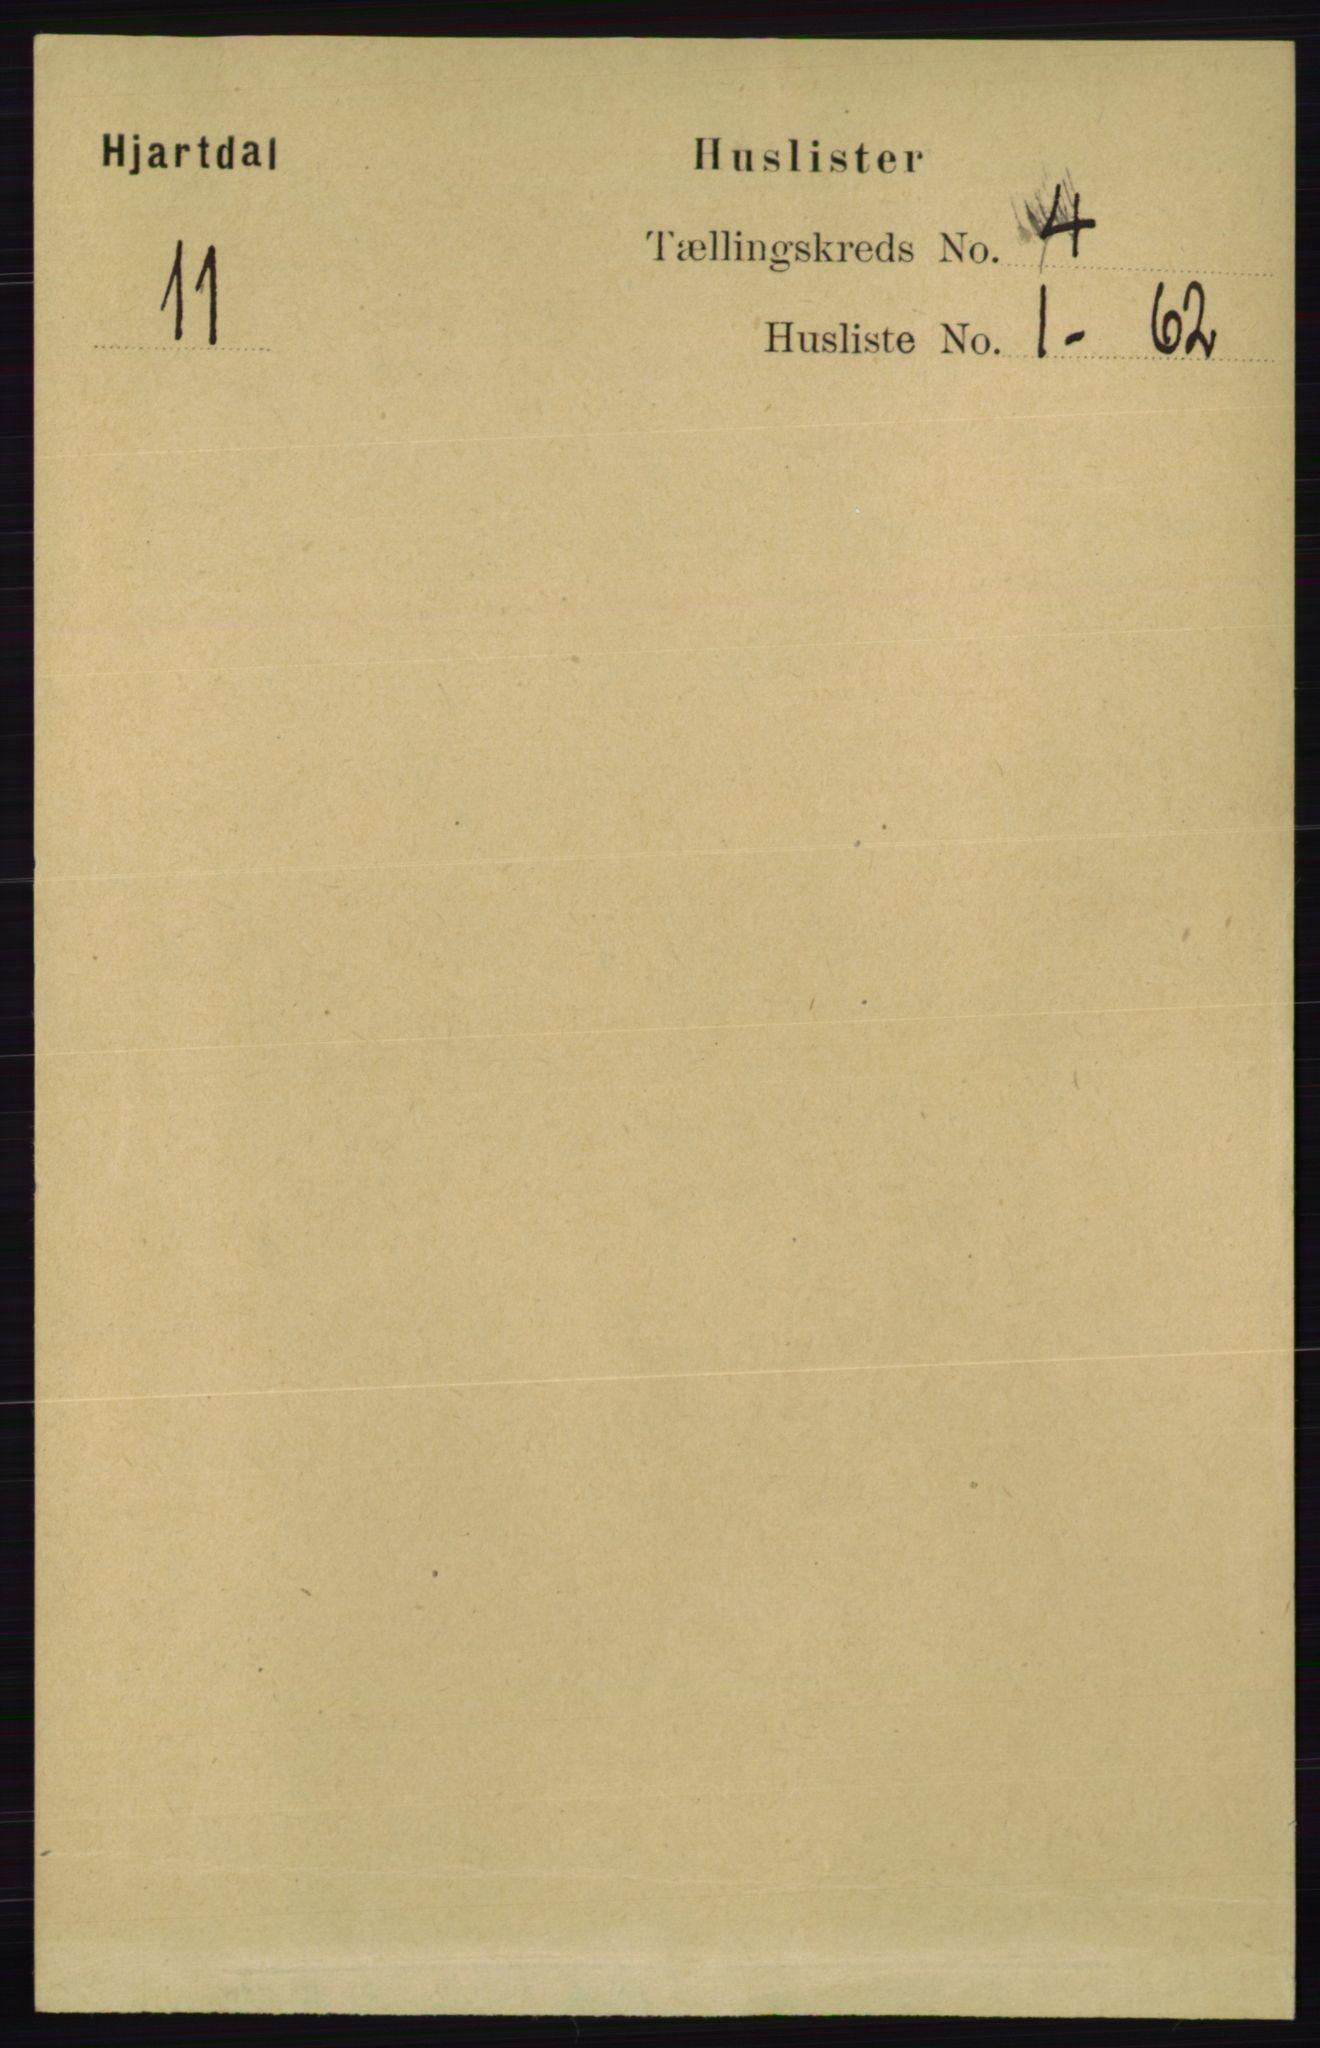 RA, Folketelling 1891 for 0827 Hjartdal herred, 1891, s. 1330